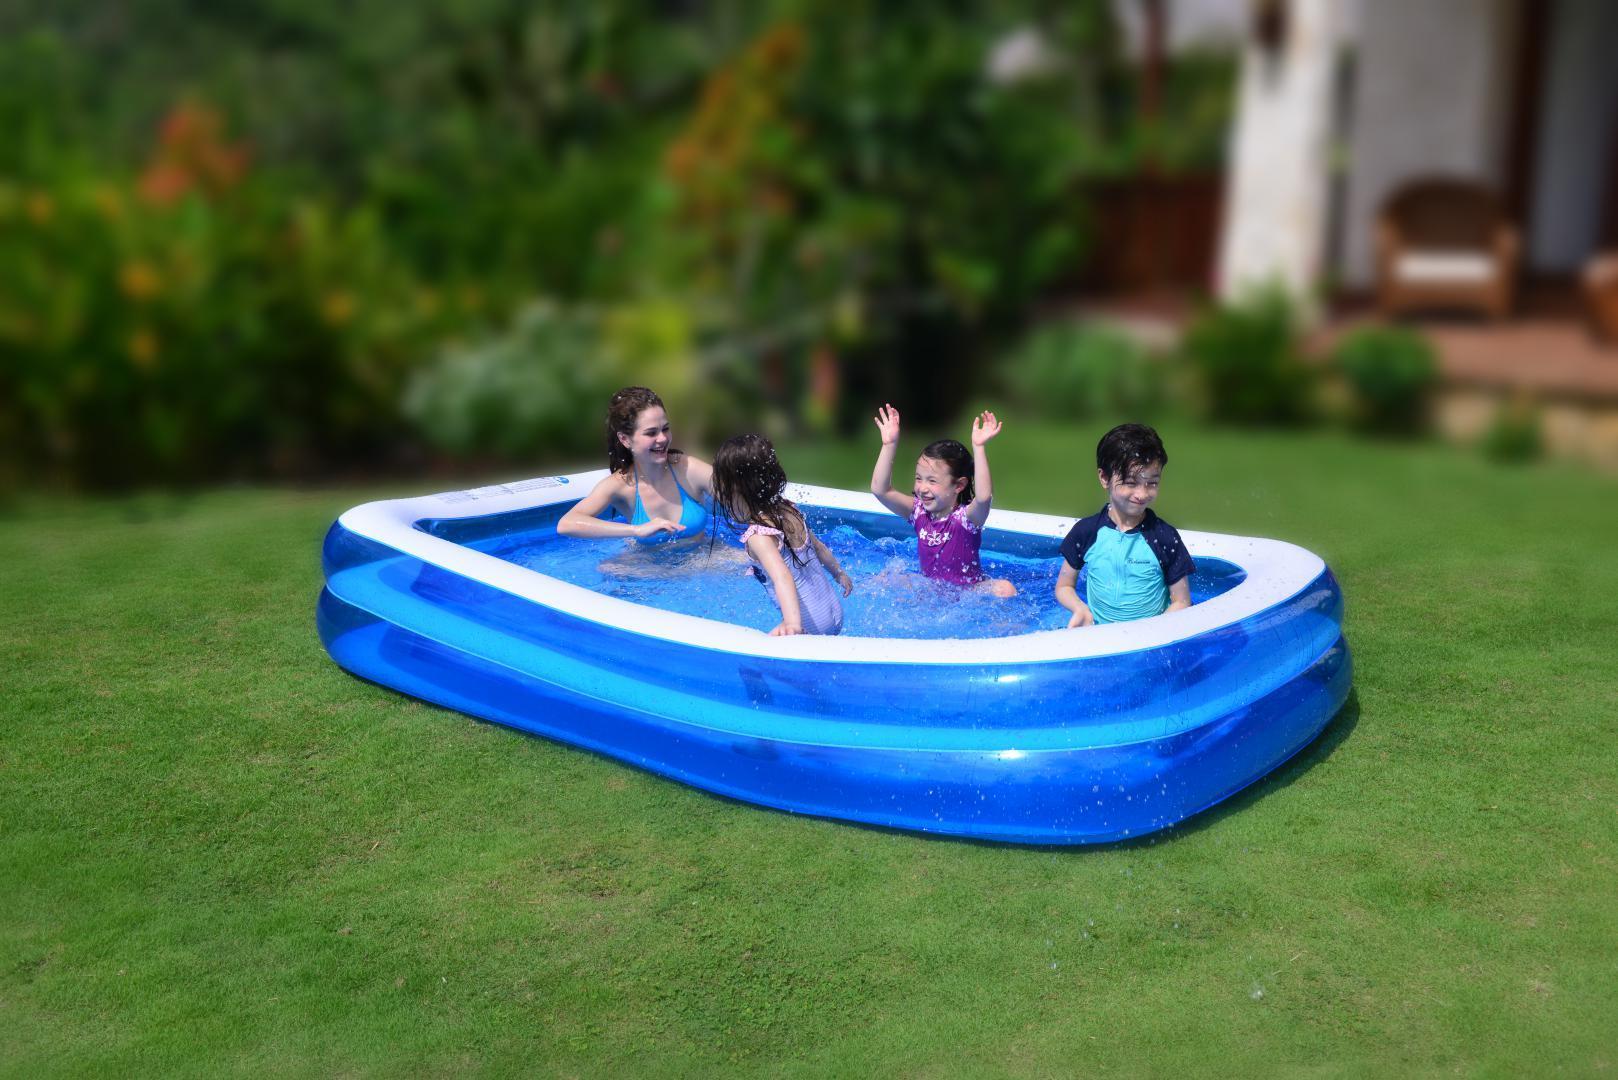 Jilong 21500 jilong piscina gigante giardino for Amazon piscinas